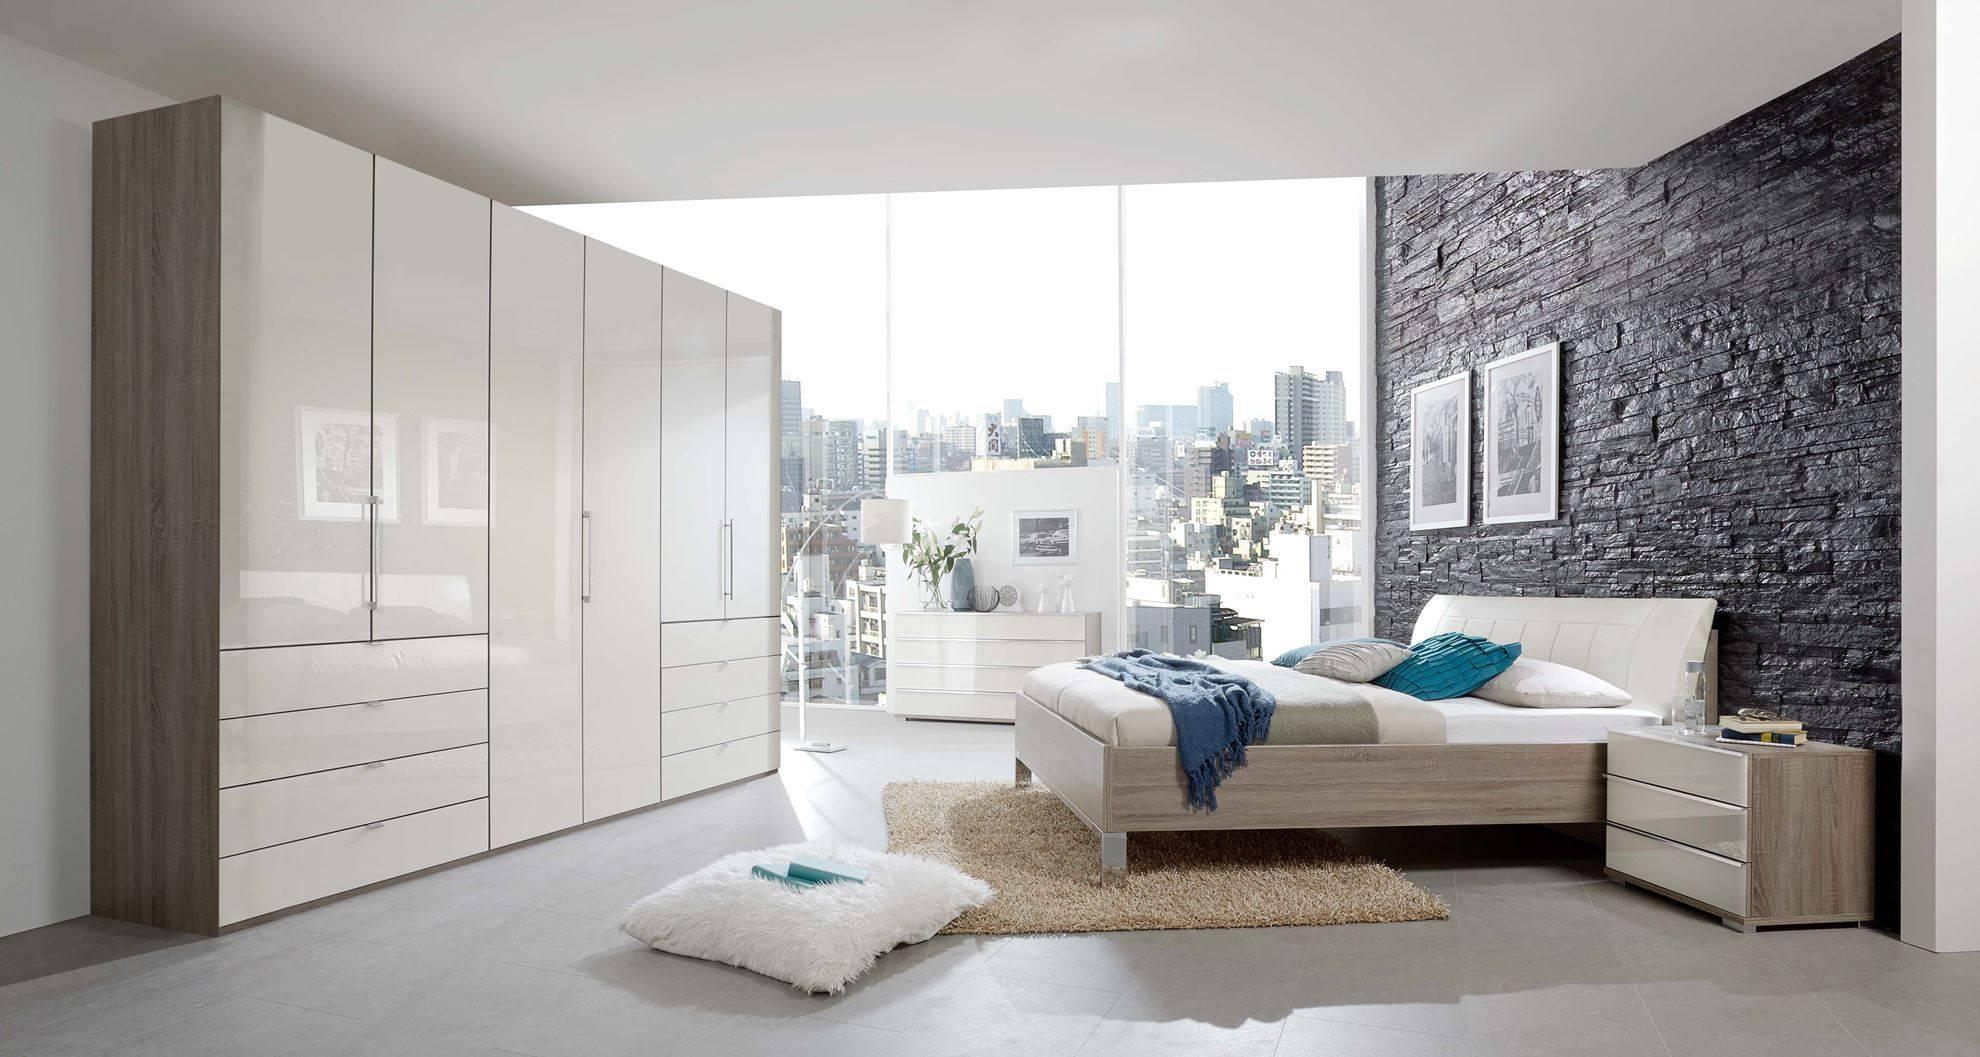 Linea Design. Wiemann Loft 5 Door 250Cm Wardrobe Magnolia Glass inside 5 Door Wardrobes Bedroom Furniture (Image 11 of 15)